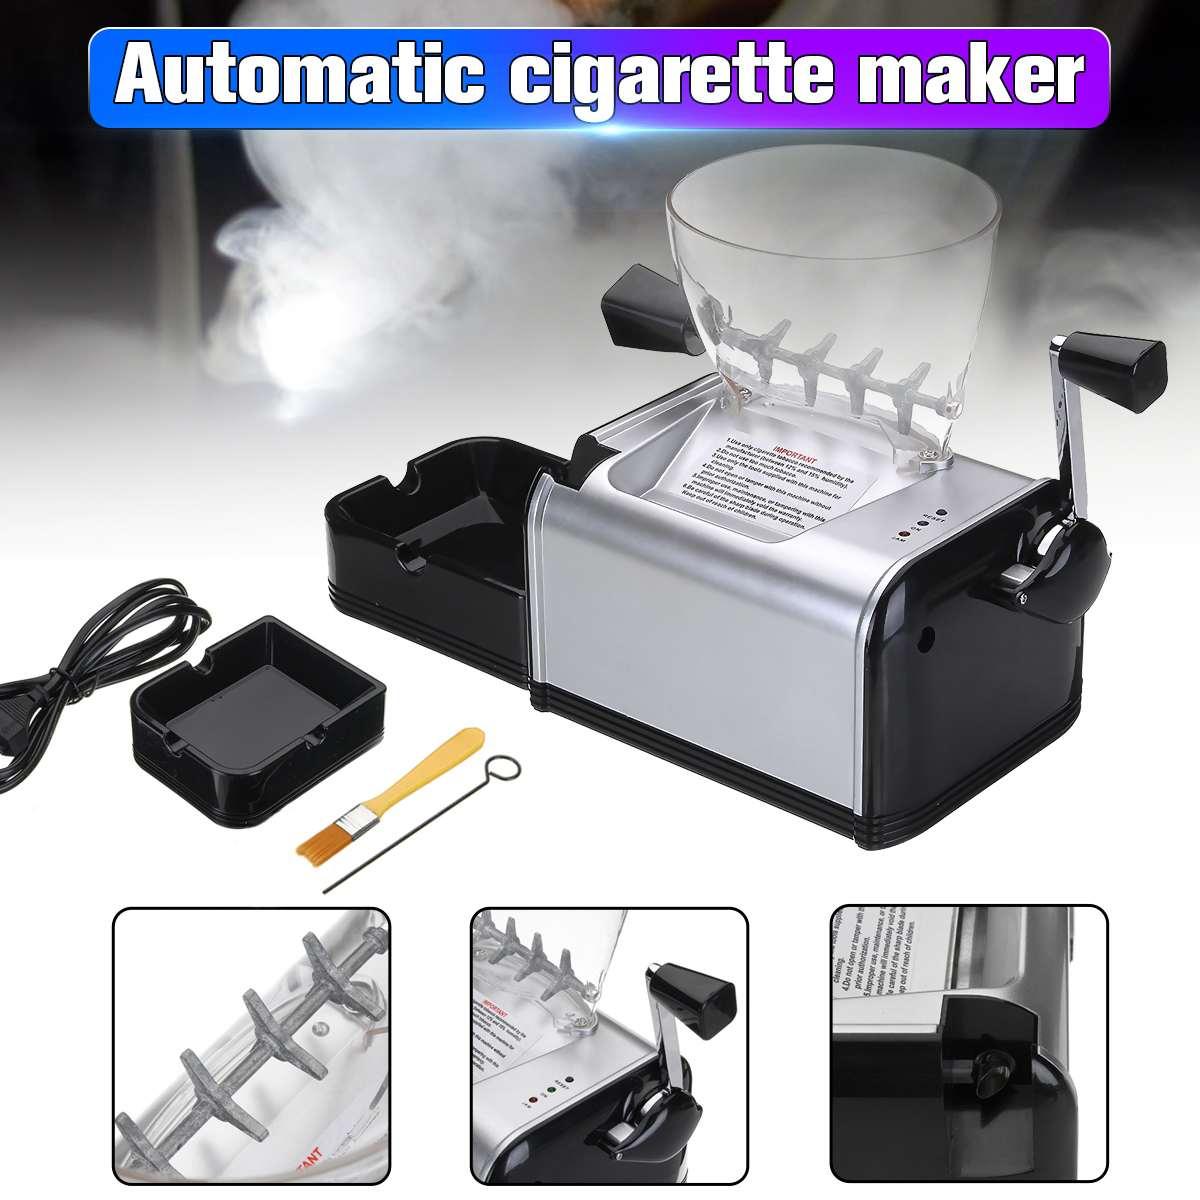 Novo 220 V Elétrico Automático Que Faz A Máquina de Rolamento Do Cigarro de Tabaco de Rolo Fabricante de Injetar 8mm Tubo Portátil Ferramenta de Fumar